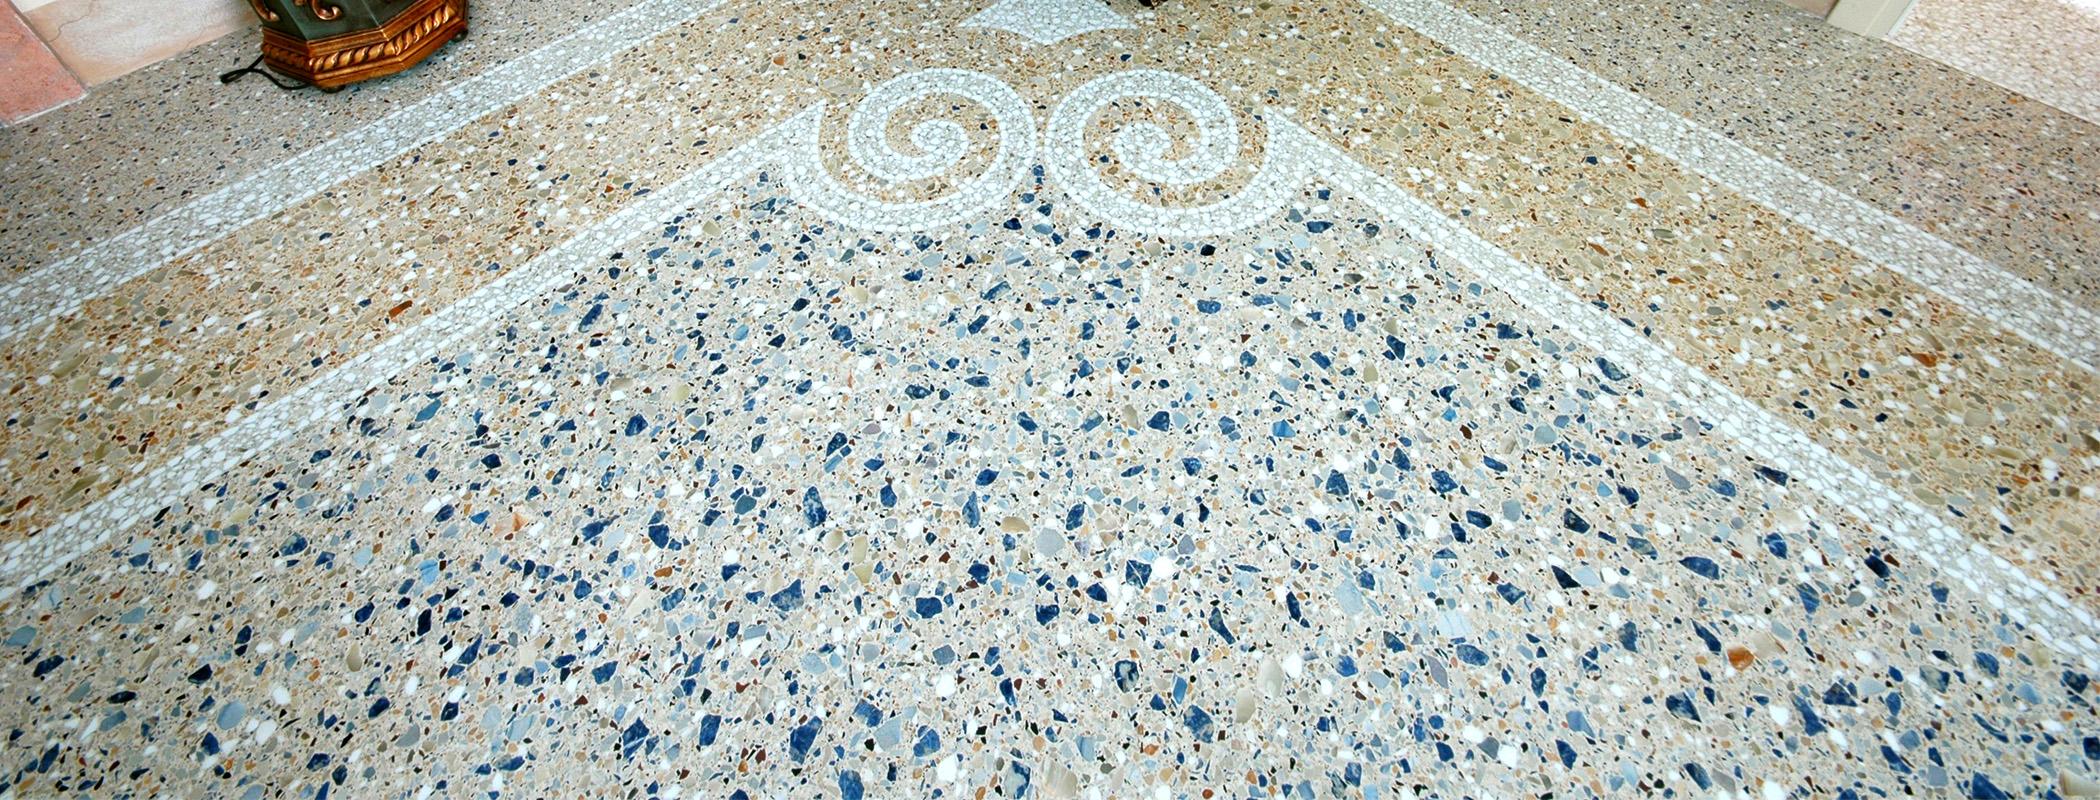 Pavimento In Terrazzo Alla Veneziana pavimento con sassi del piave, terrazzo alla veneziana